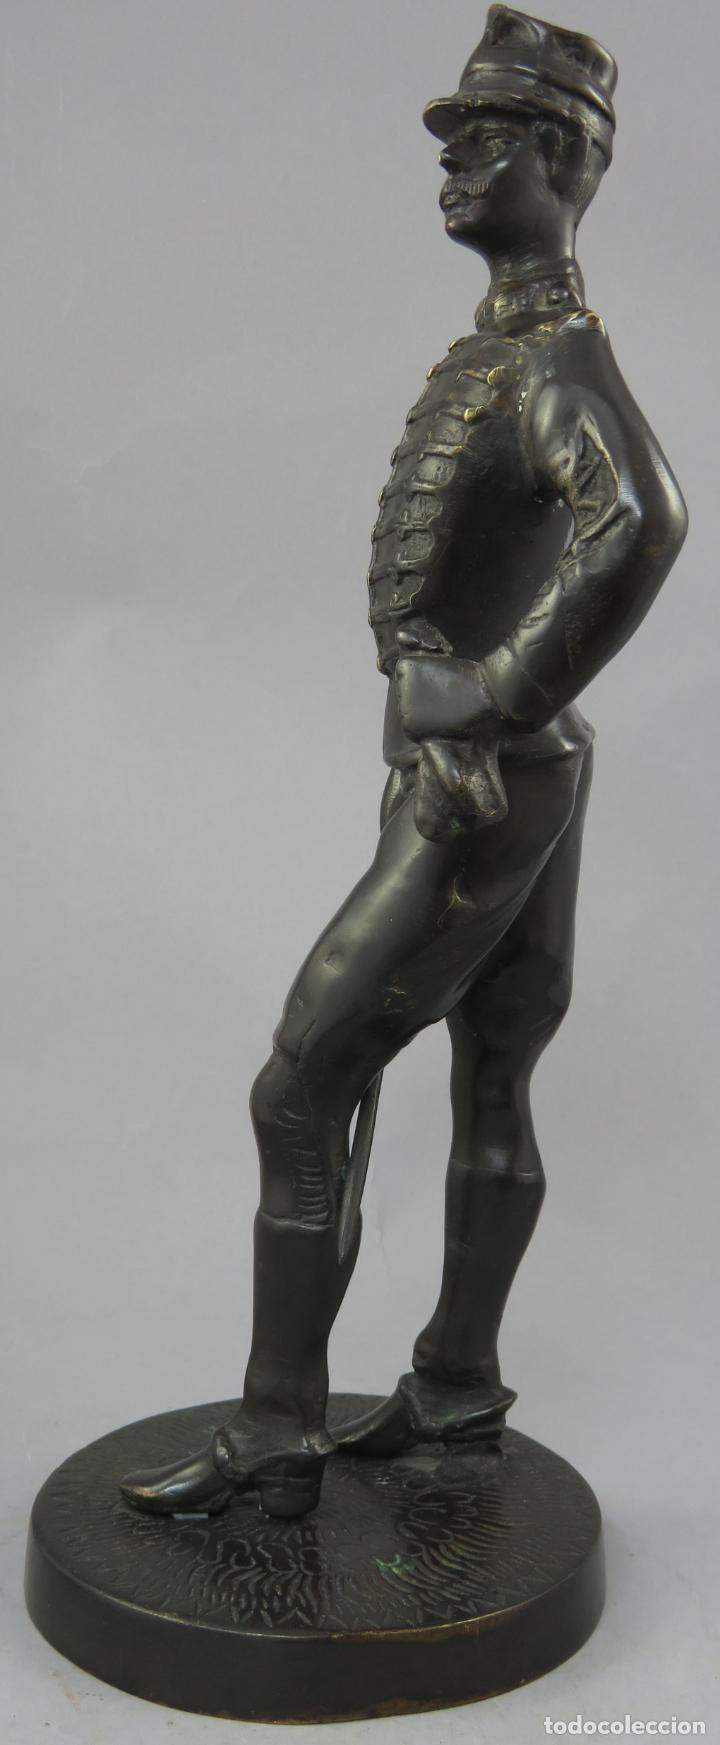 Arte: Escultura soldado húsar de la Princesa en bronce pulido siglo XX - Foto 6 - 230361210